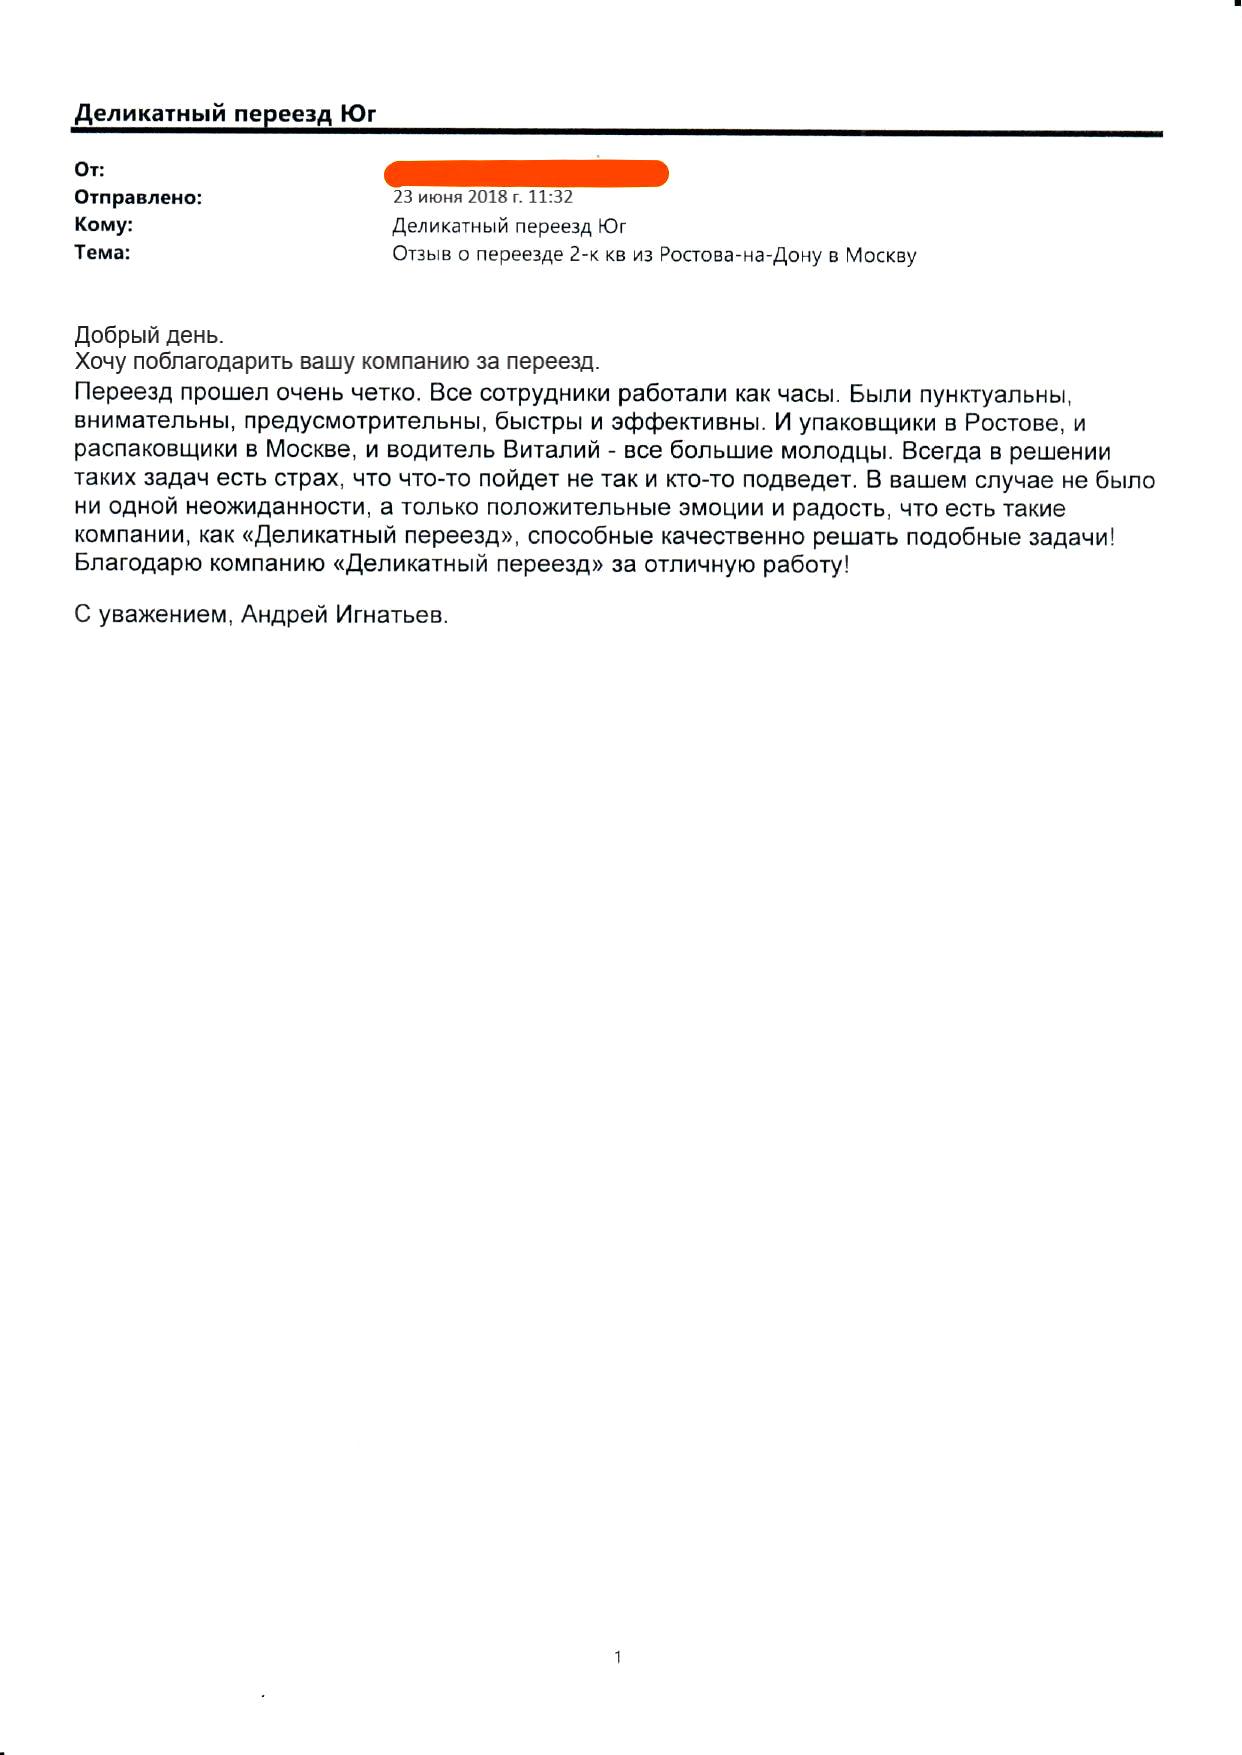 Отзыв о состоявшемся переезде 2-к квартиры из Ростова-на-Дону в Москву